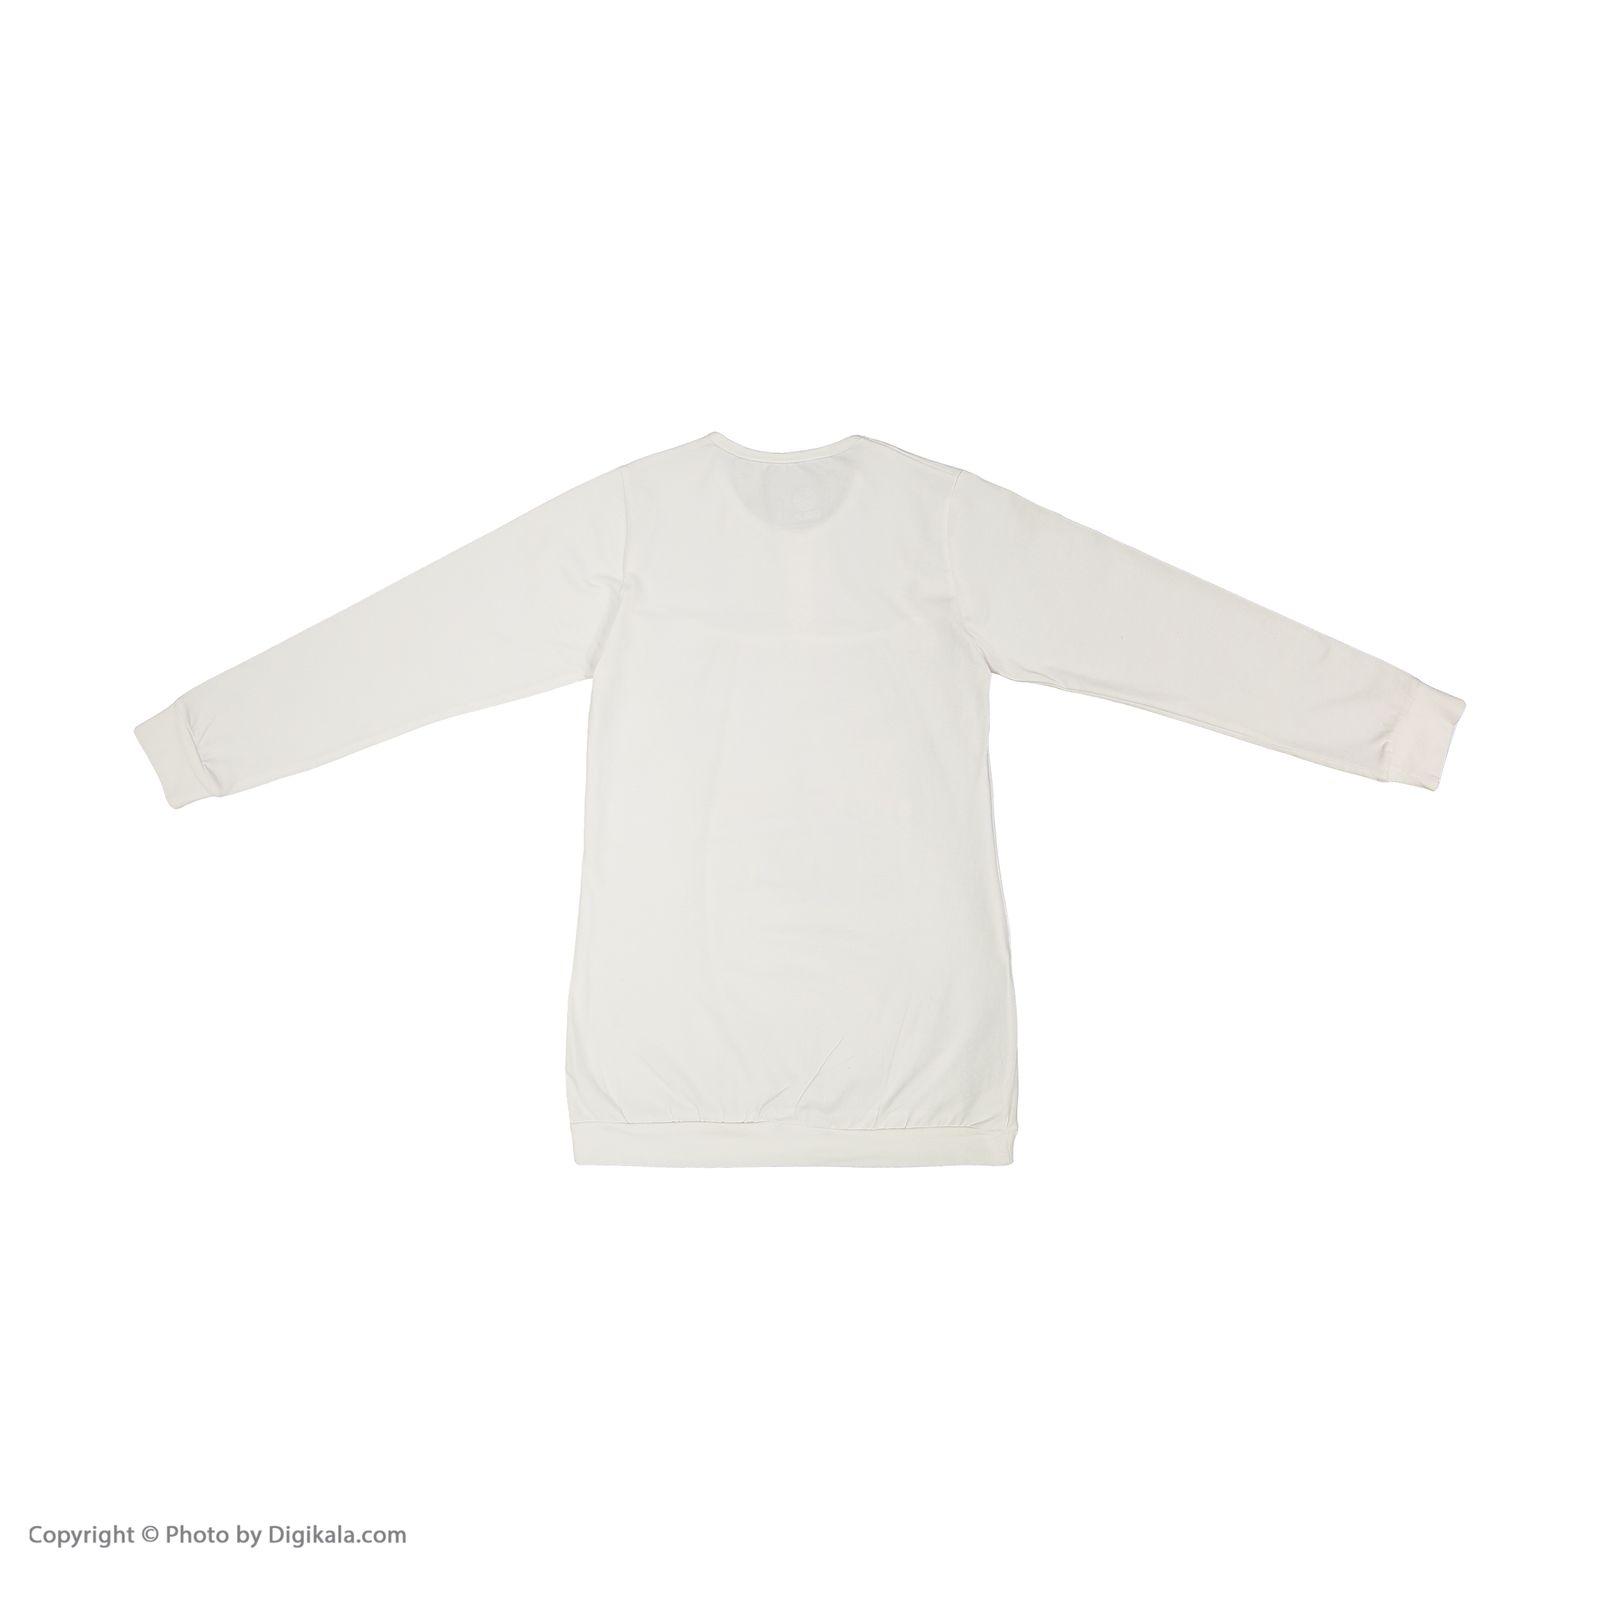 تی شرت دخترانه سون پون مدل 1391360-01 -  - 4